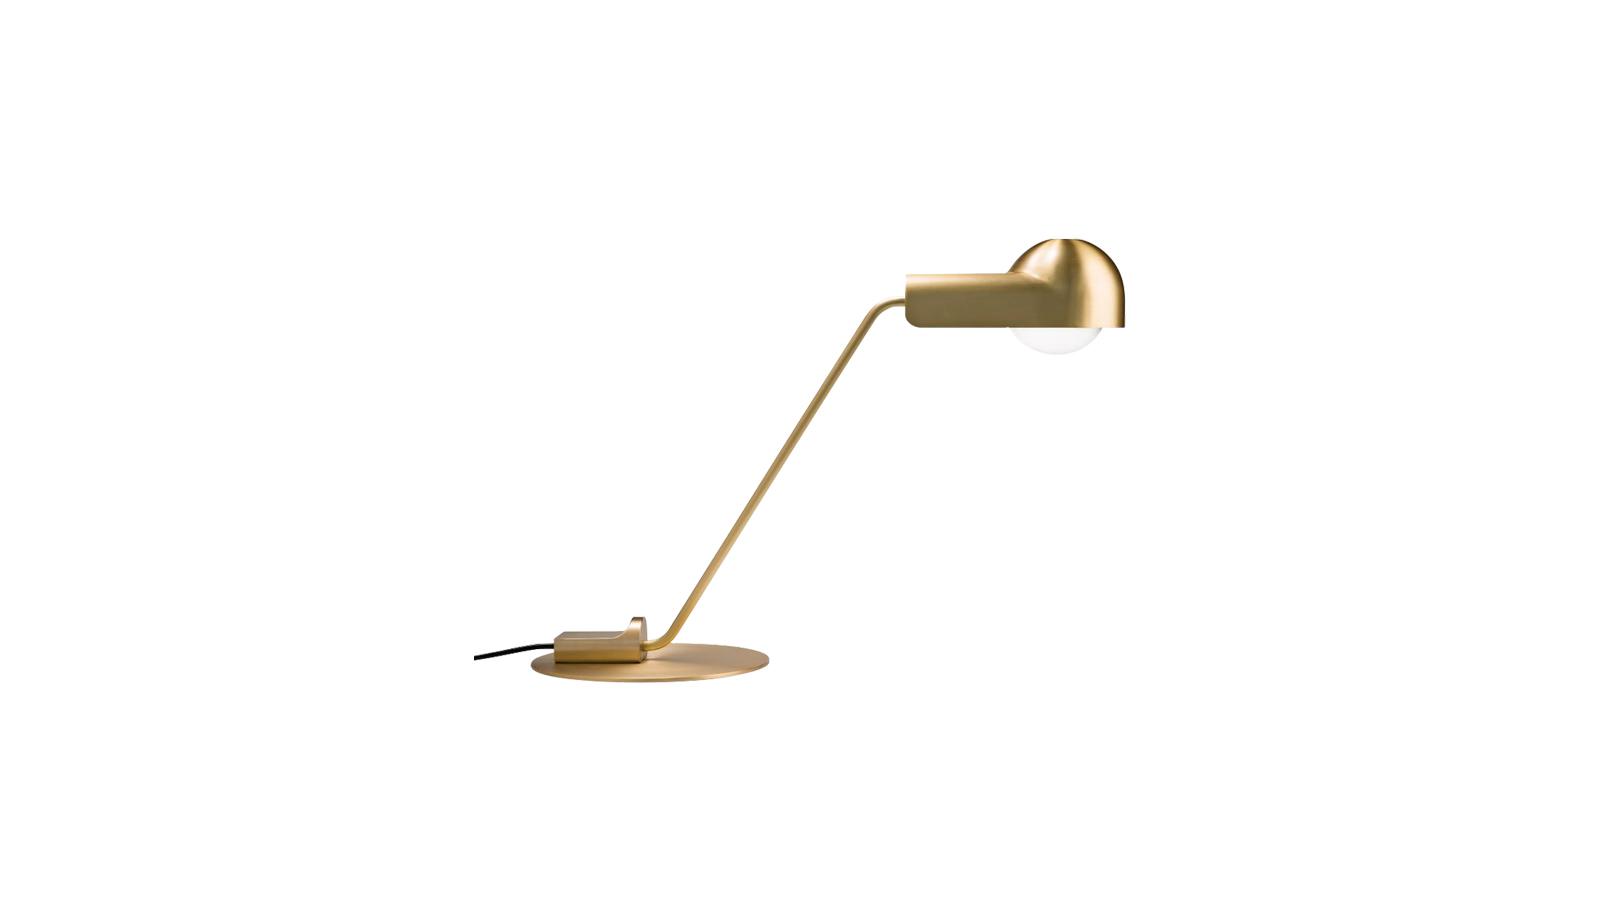 A lámpát Joe Colombo tervezte 1965-ben, ami hűen tükrözi designról való filozófiáját. Szerinte egy tárgynak funkcionálisnak kell lennie, flexibilisnek, hogy a sokféle módon lehessen használni, anyaga legyen kiváló minőségű, a gyártási technológia pedig a lehető legmodernebb. Mindez jellemzi a Domo asztali lámpát is. A tervező éles vonalak helyett sok alkotásánál lágyabb, gömbölydedebb formákhoz nyúlt, ez jellemzi ezt a darabot is.